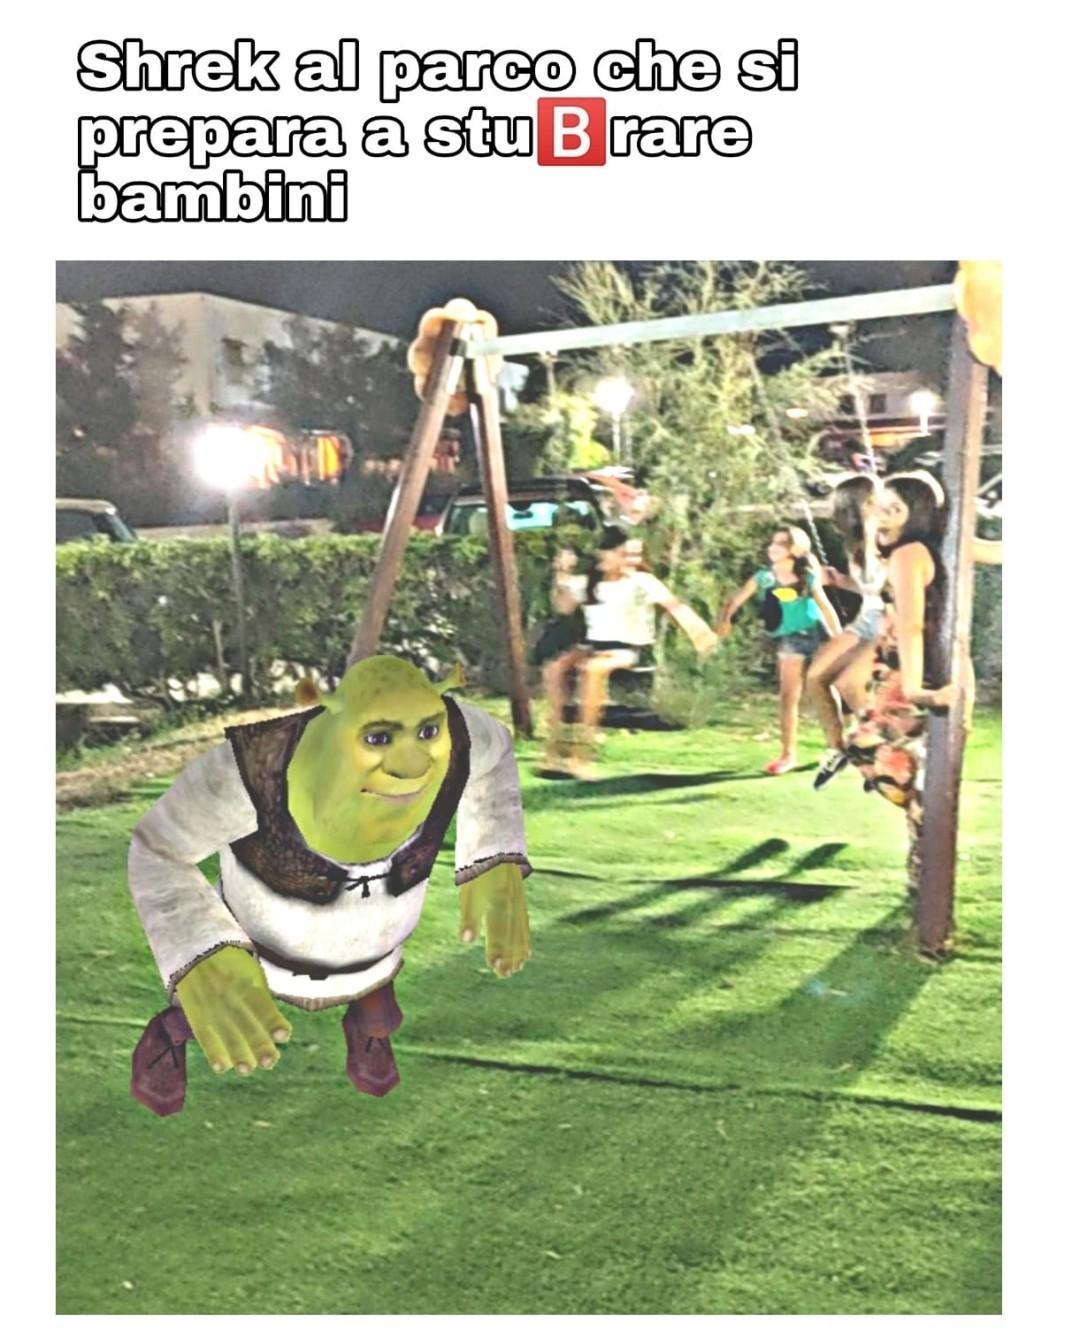 BiMboTerrOriSta666 è tornato figli di puttana - meme